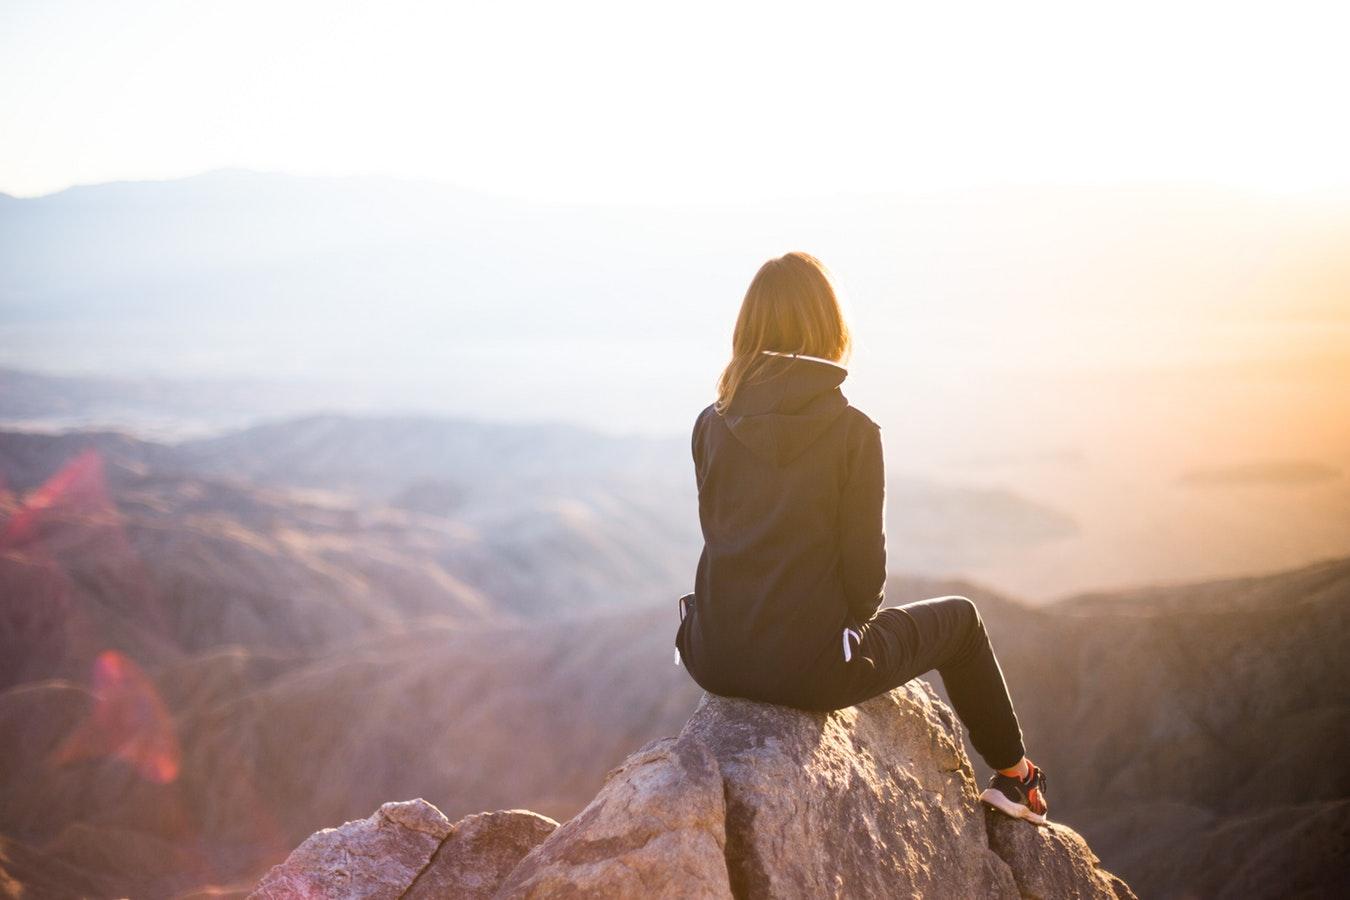 jesli wysoko mierzysz, mindfulness jest dla Ciebie